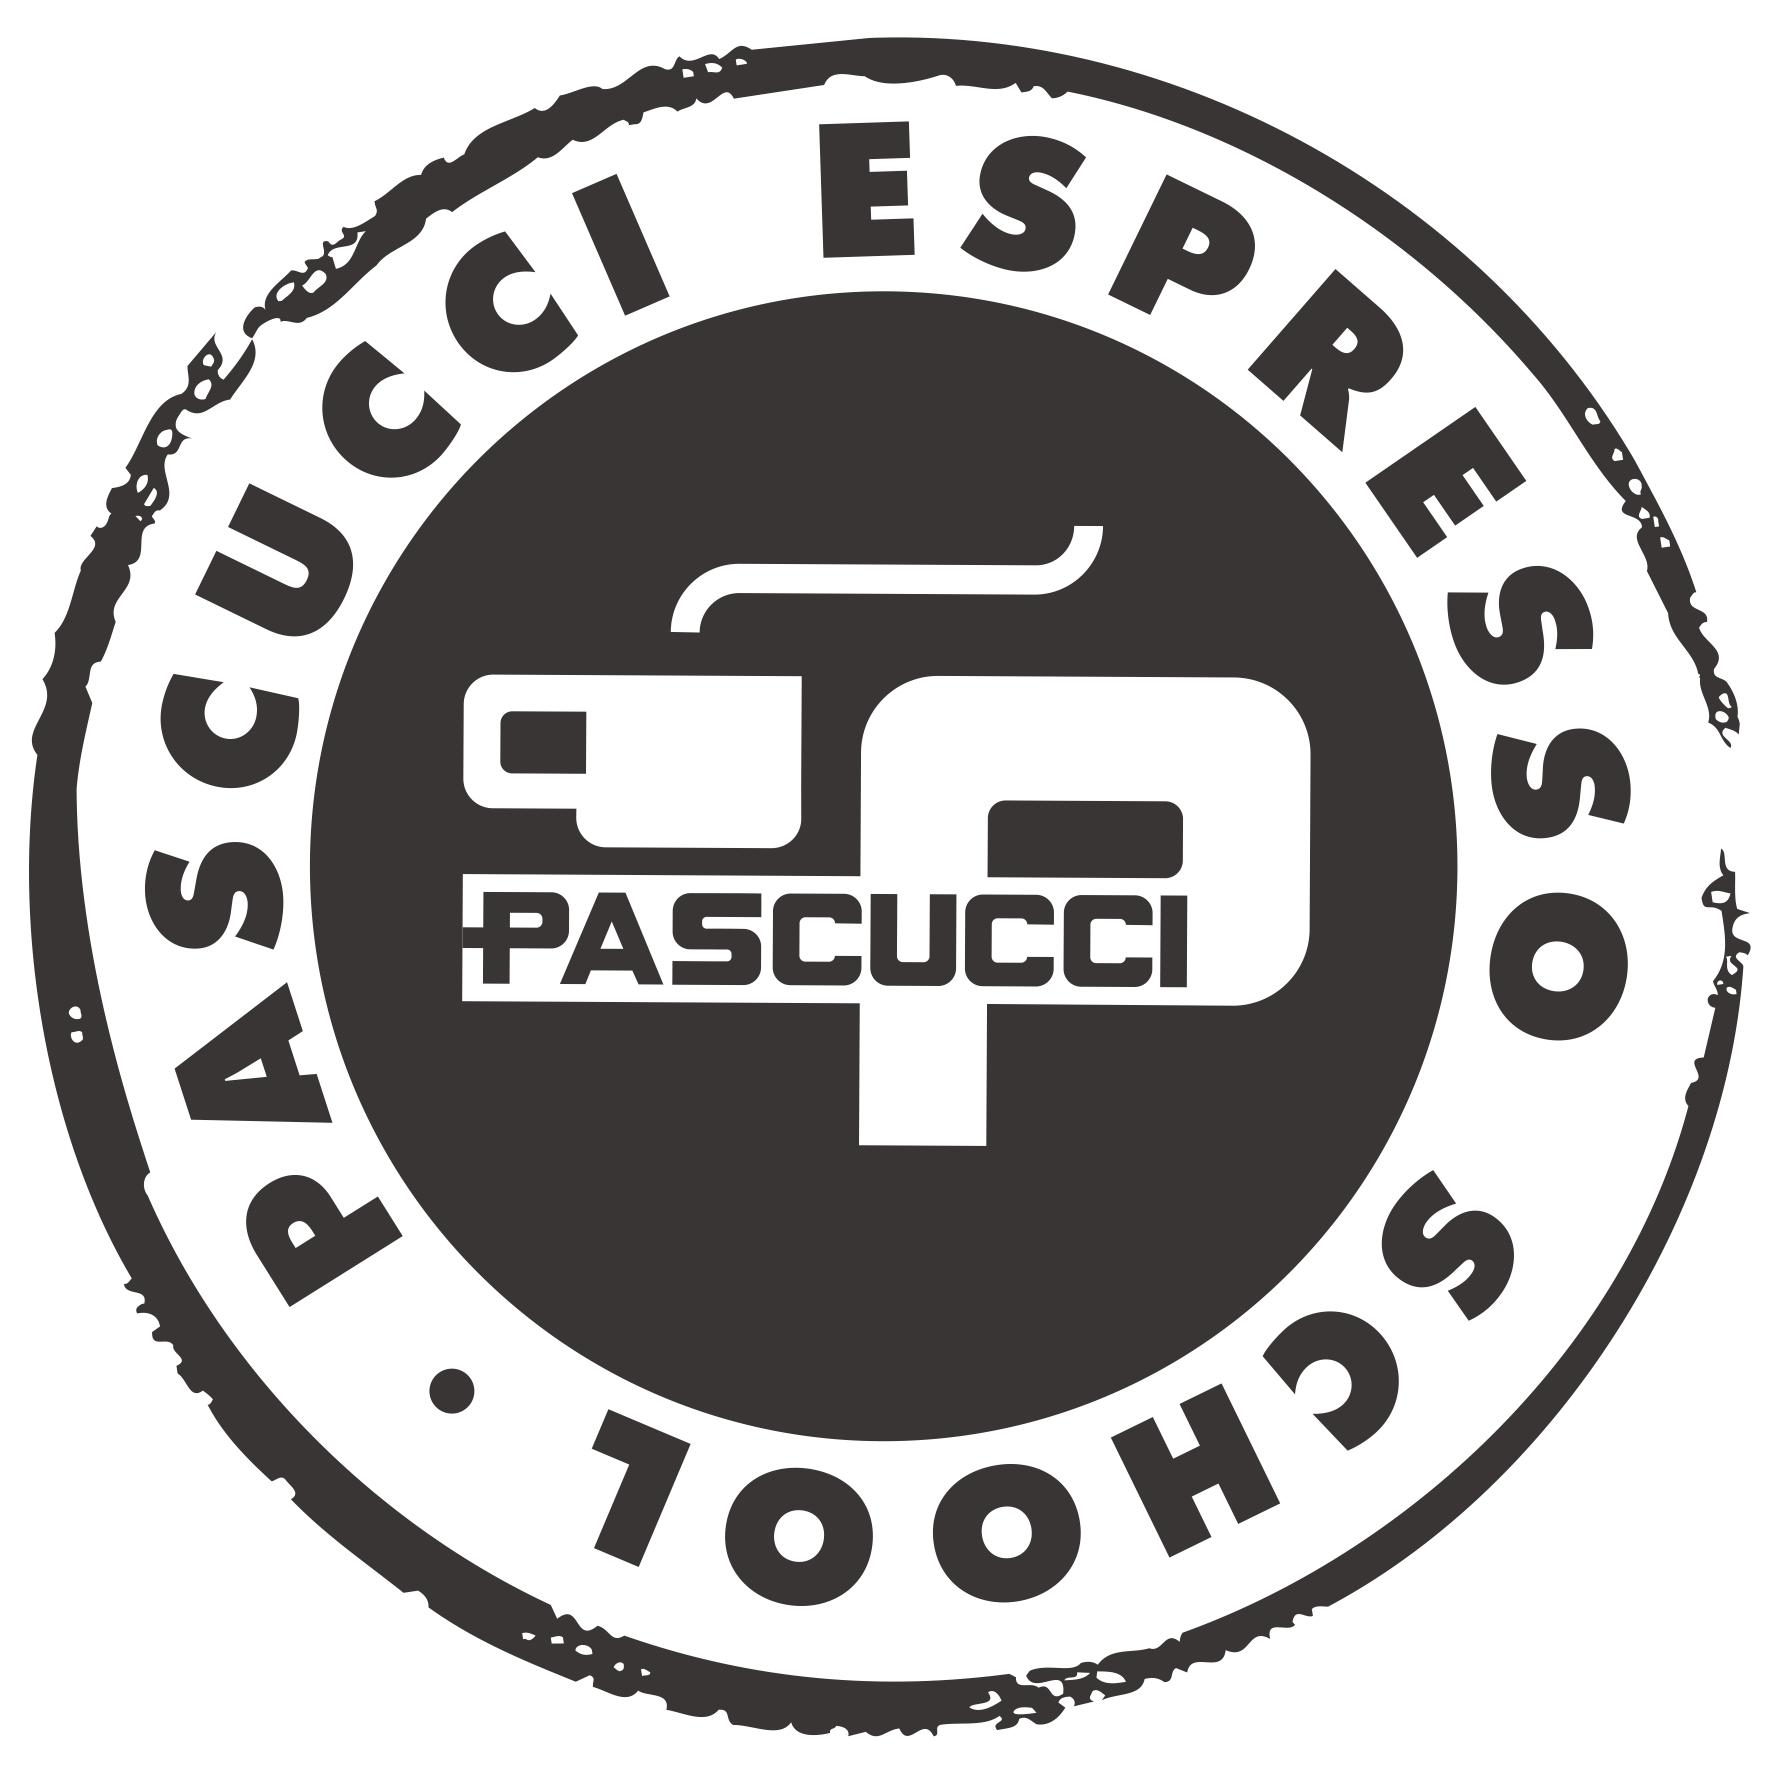 Pascucci espresso school